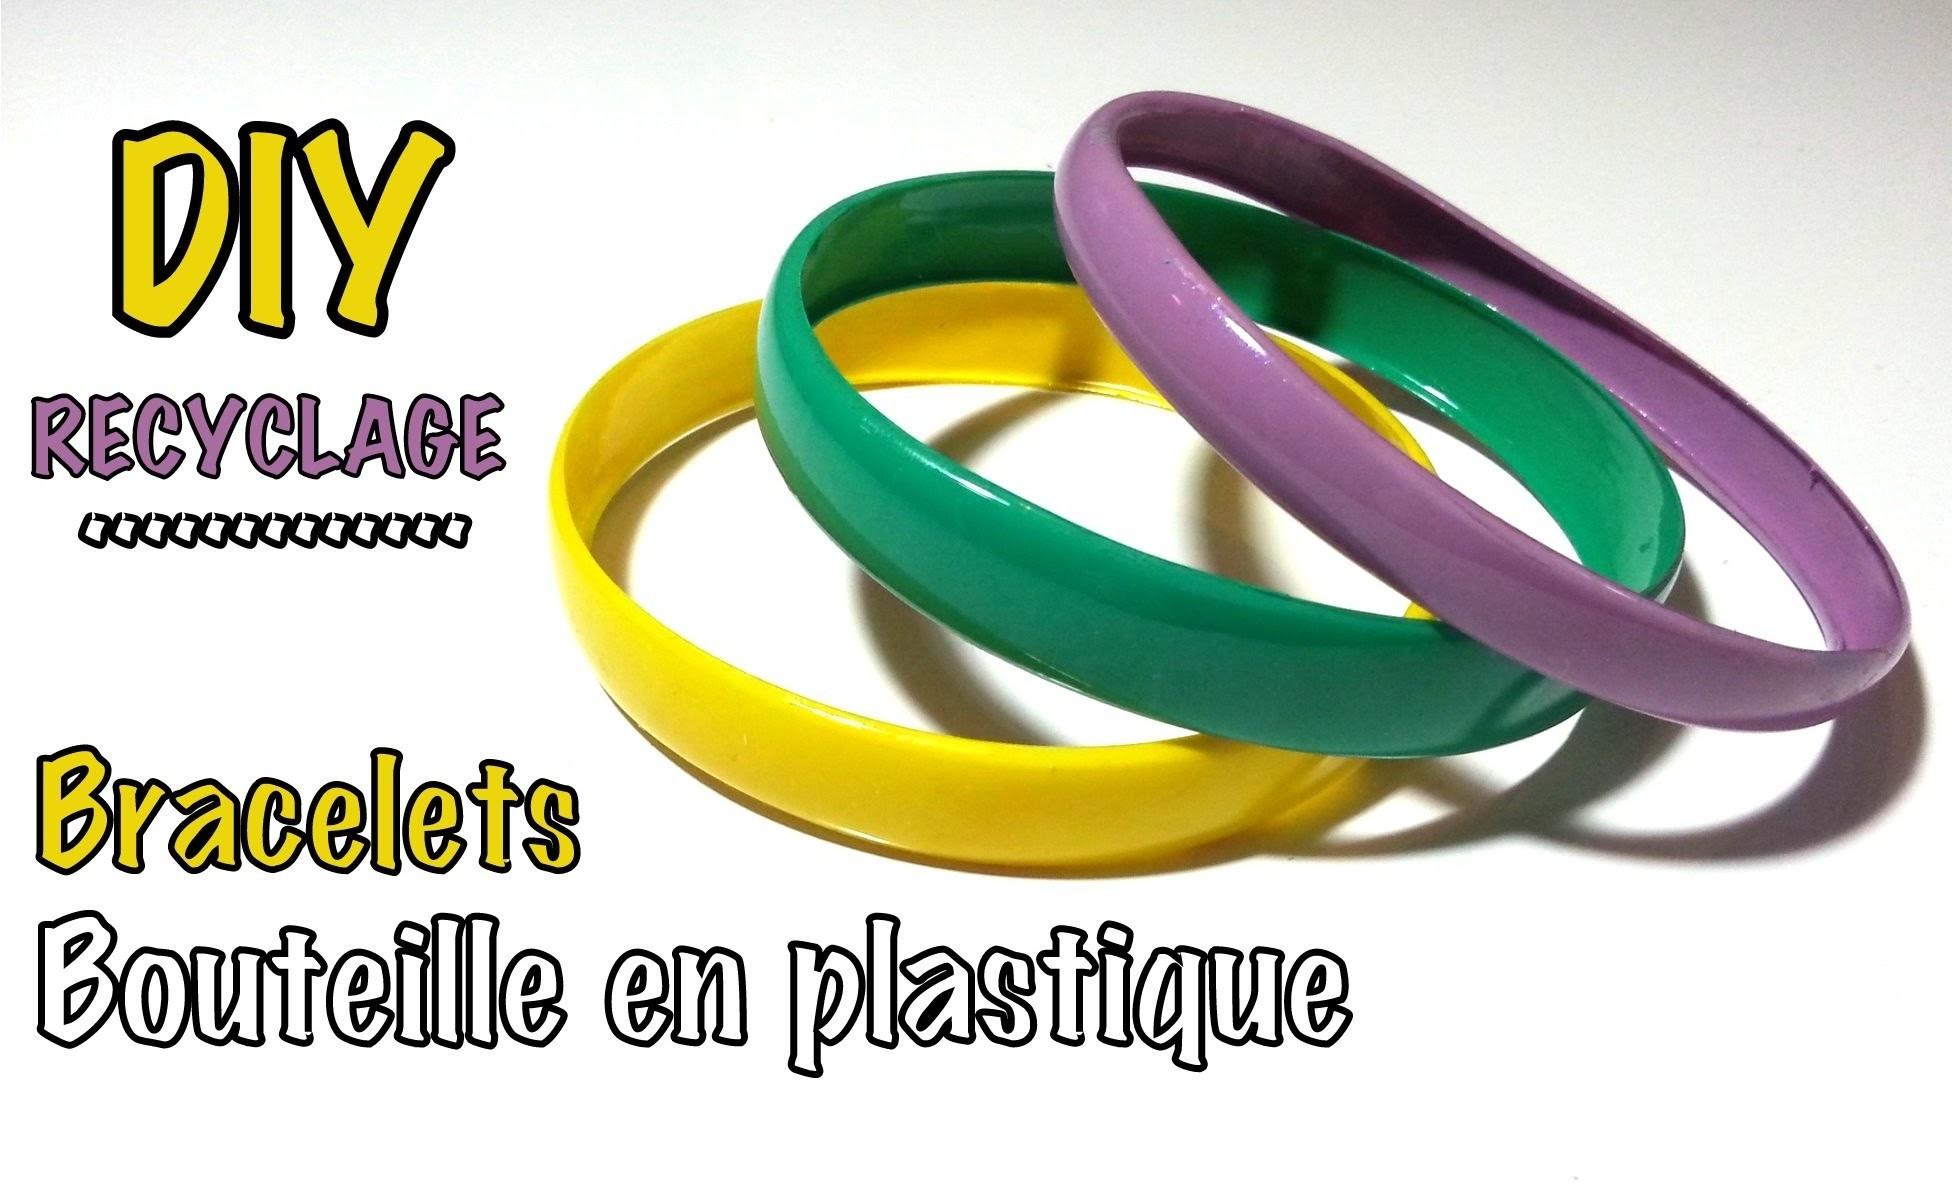 DIY recyclage bracelets avec bouteille plastique